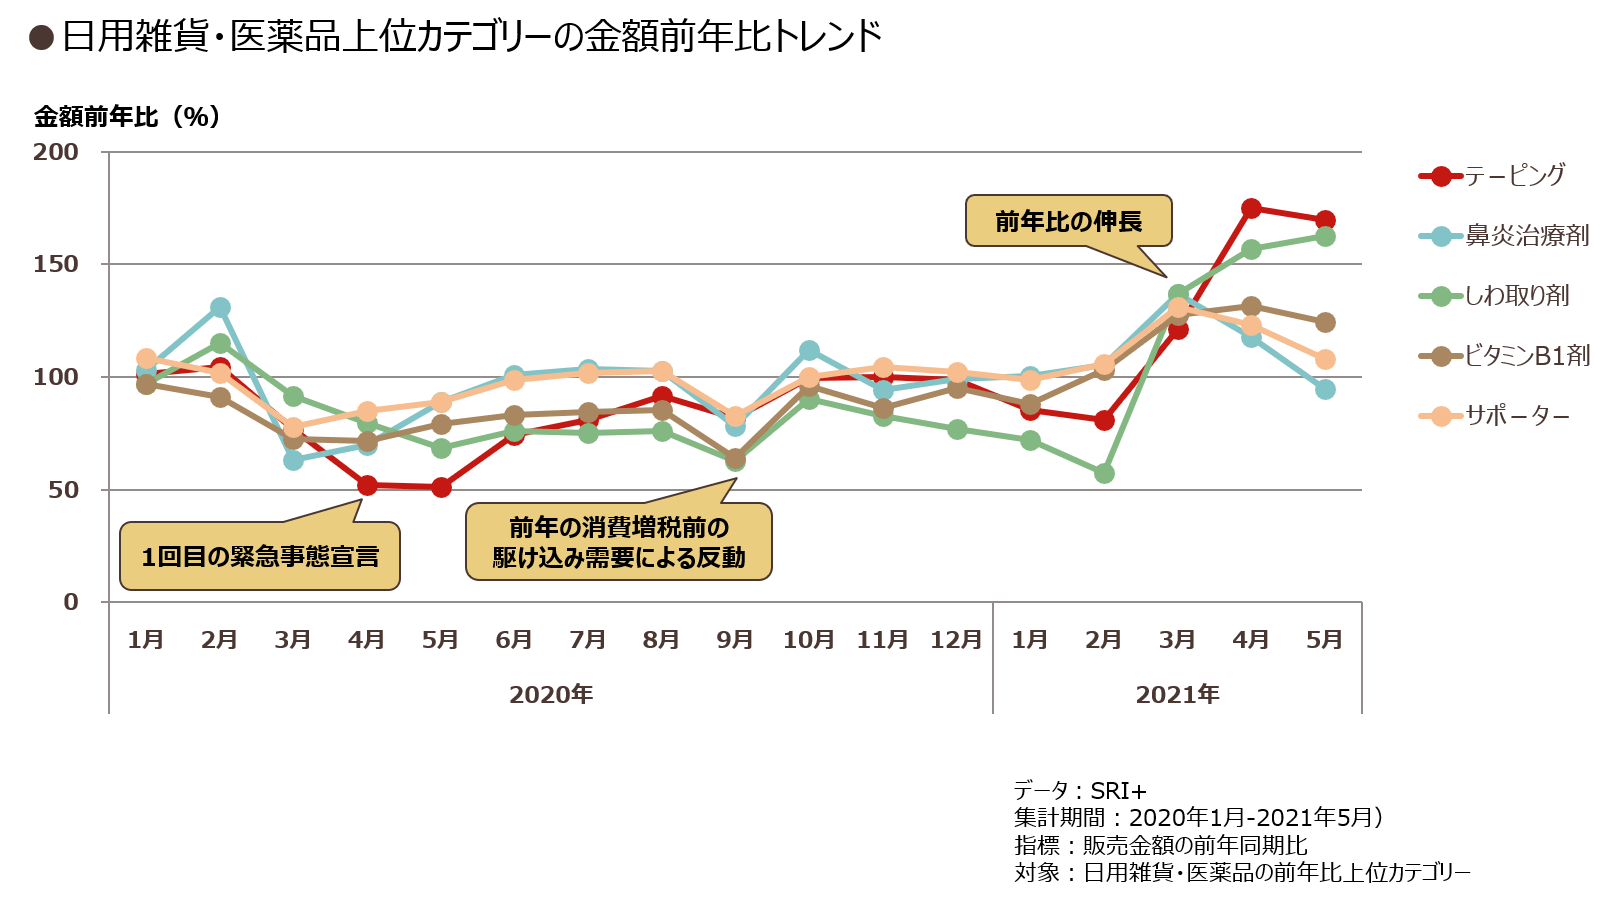 2021kamiki-ranking_03.png